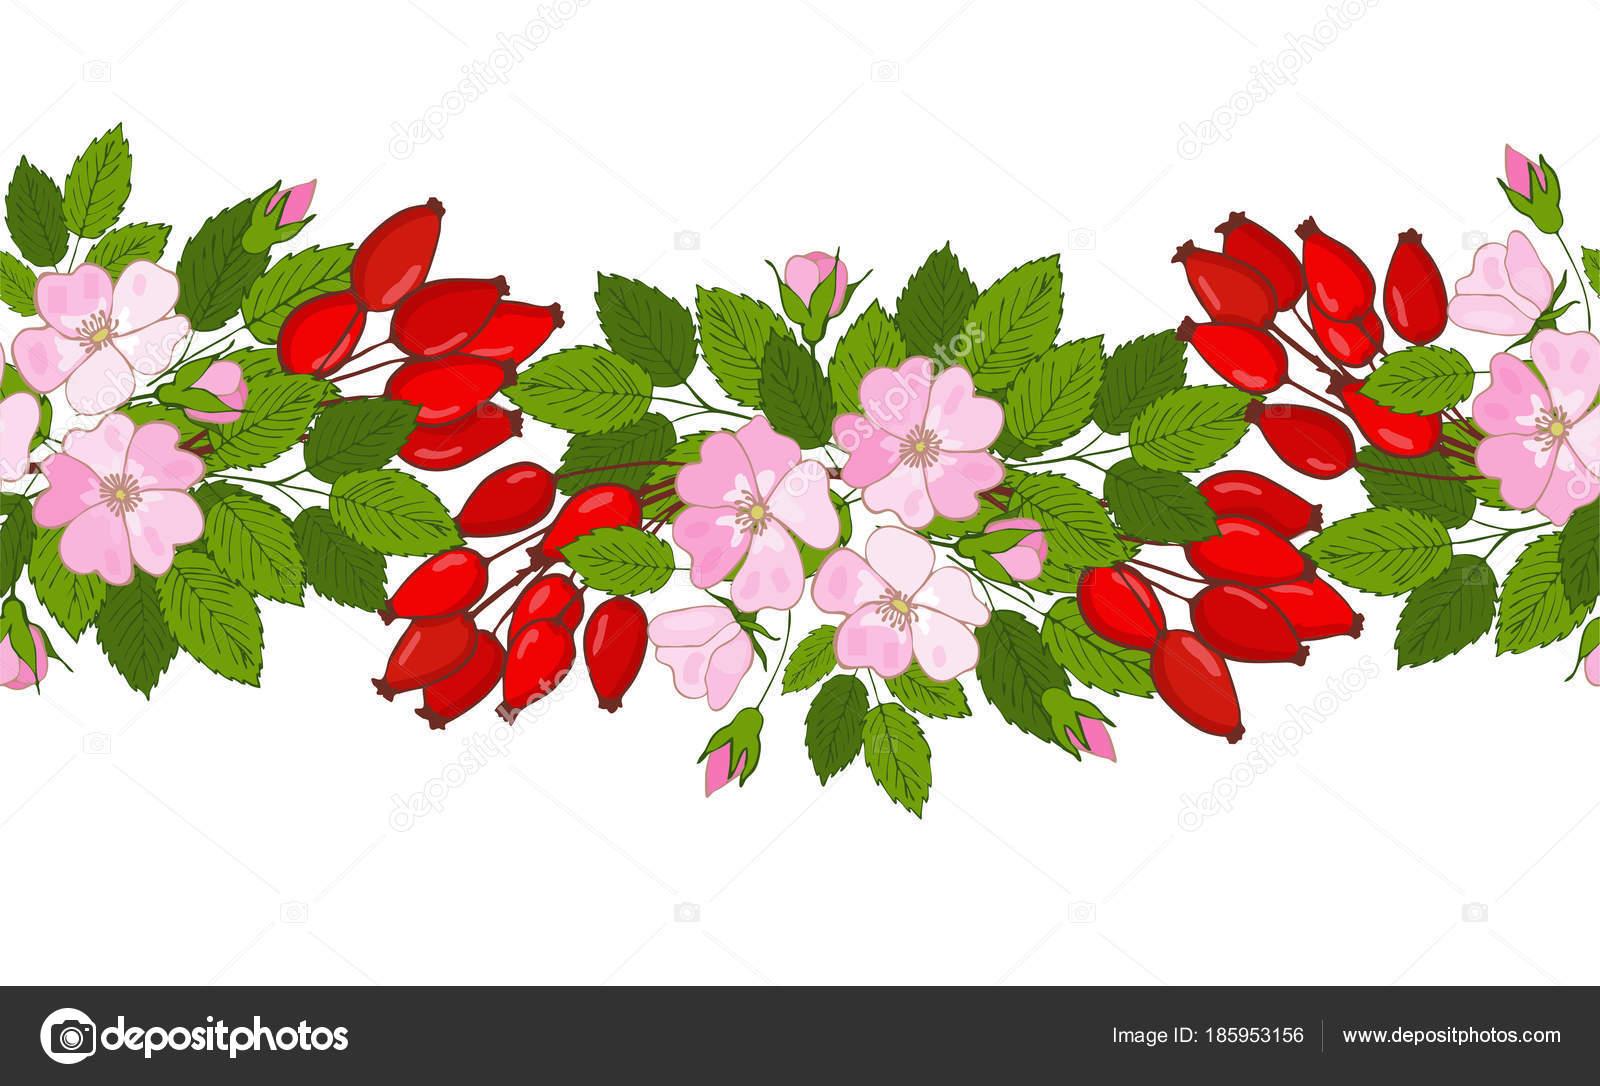 Безшовні Шипшина Орнамент. Візерунок ягоди і квіти Шипшина– стокова  ілюстрація 8984f9f0a0d9a